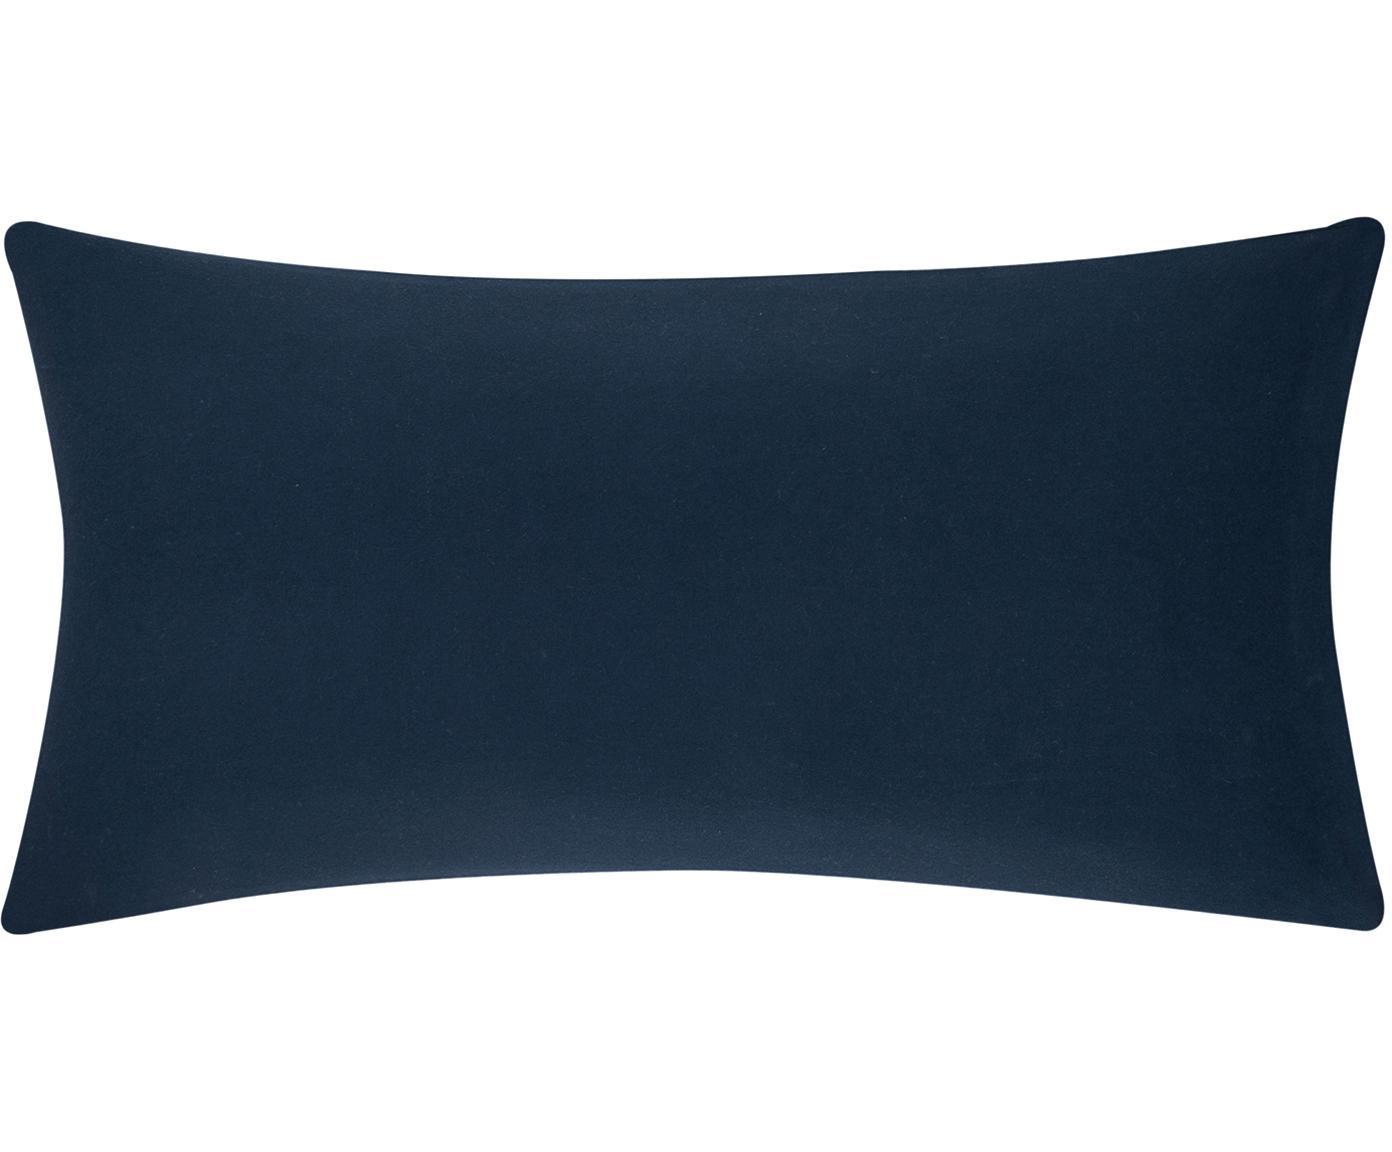 Poszewka na poduszkę ze skóry z flaneli Biba, 2 szt., Granatowy, S 40 x D 80 cm